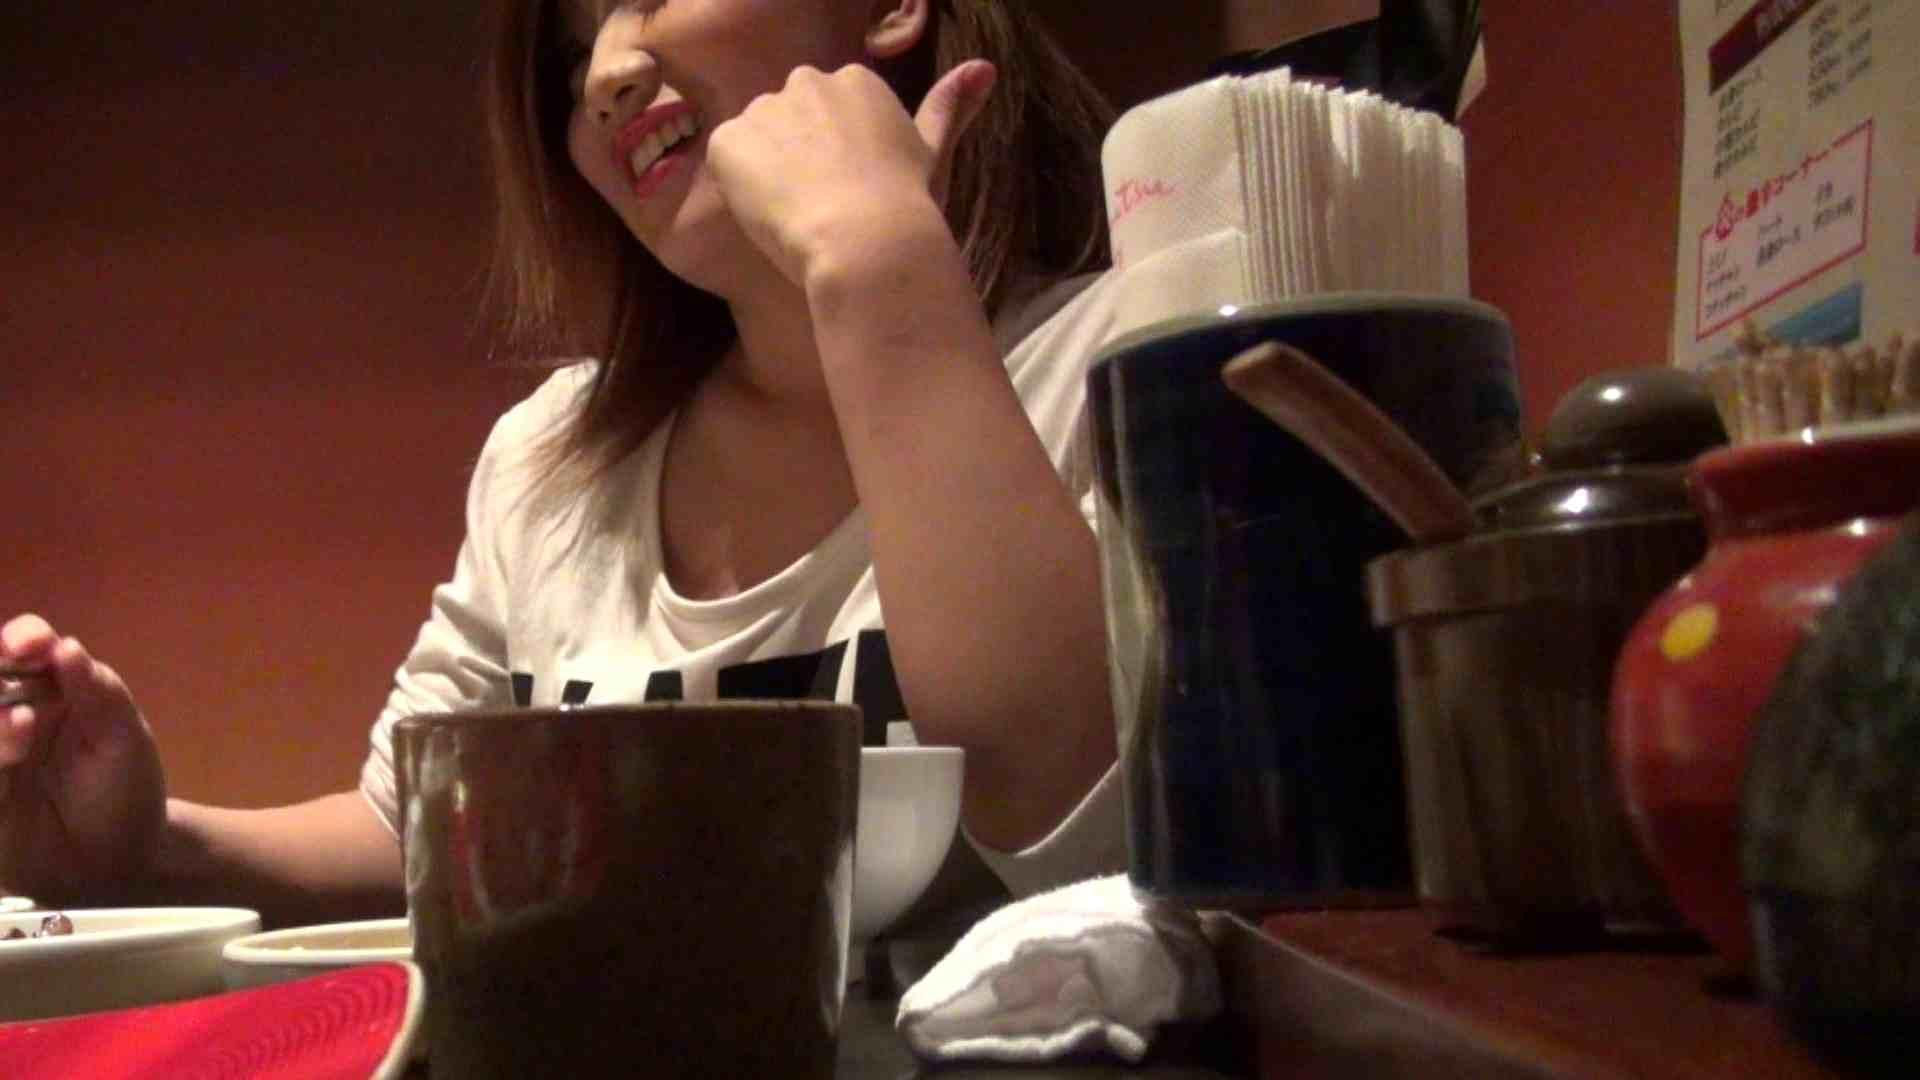 【出会い01】大助さんMちゃんと食事会 エッチすぎる友人   悪戯  54連発 33